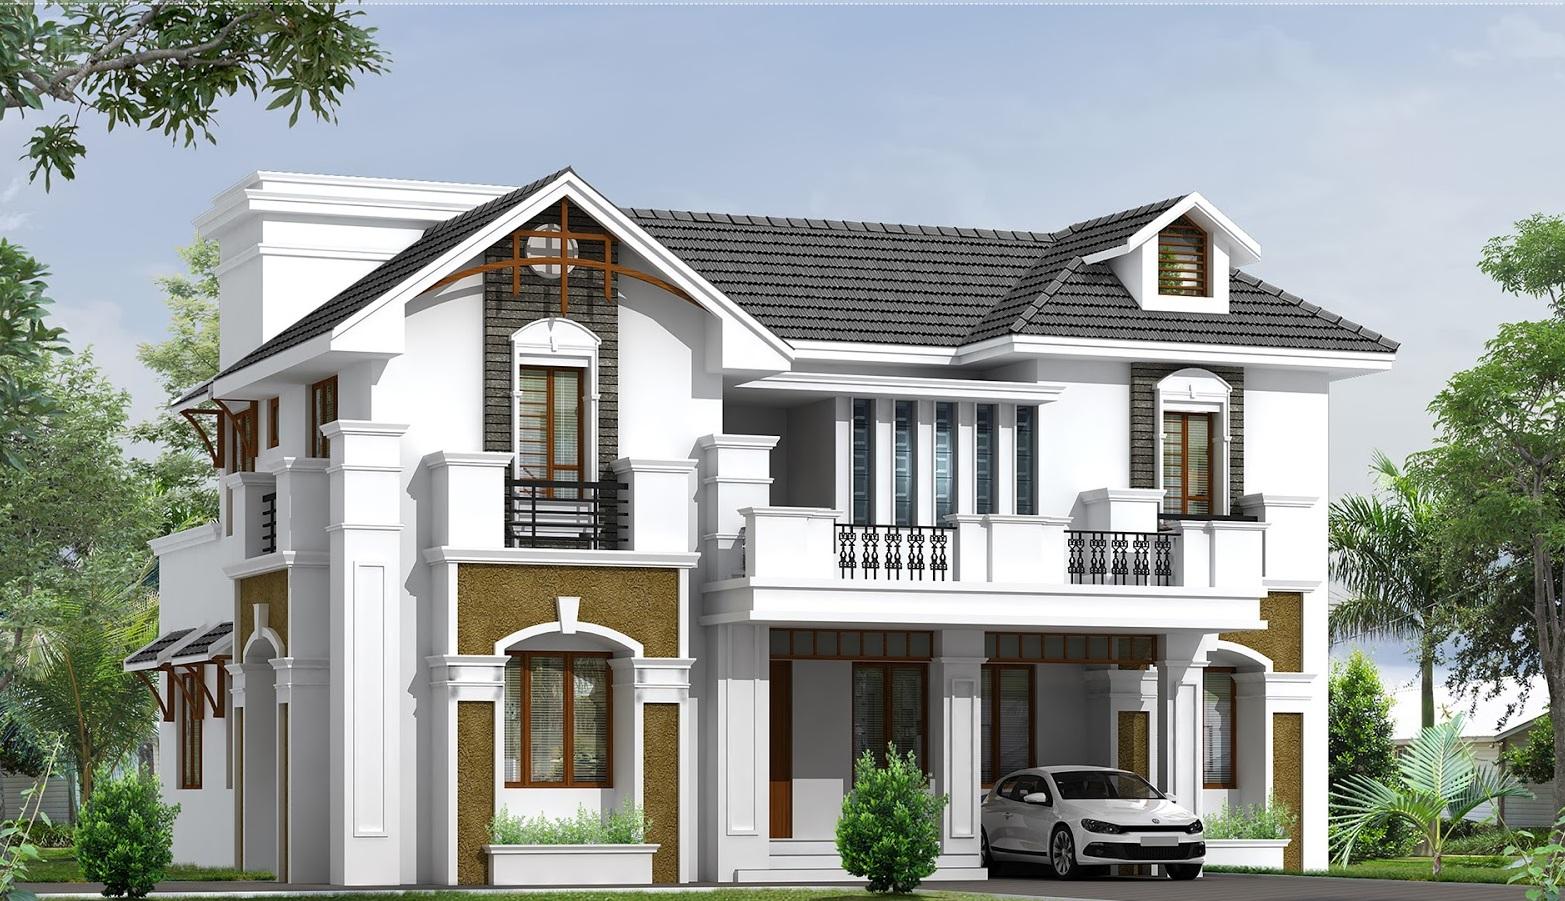 Với hình khối đơn giản, đường nét thiết kế mạnh mẽ, dứt khoát, biệt thự mini mang đến vẻ hiện đại, trẻ trung, khỏe khoắn